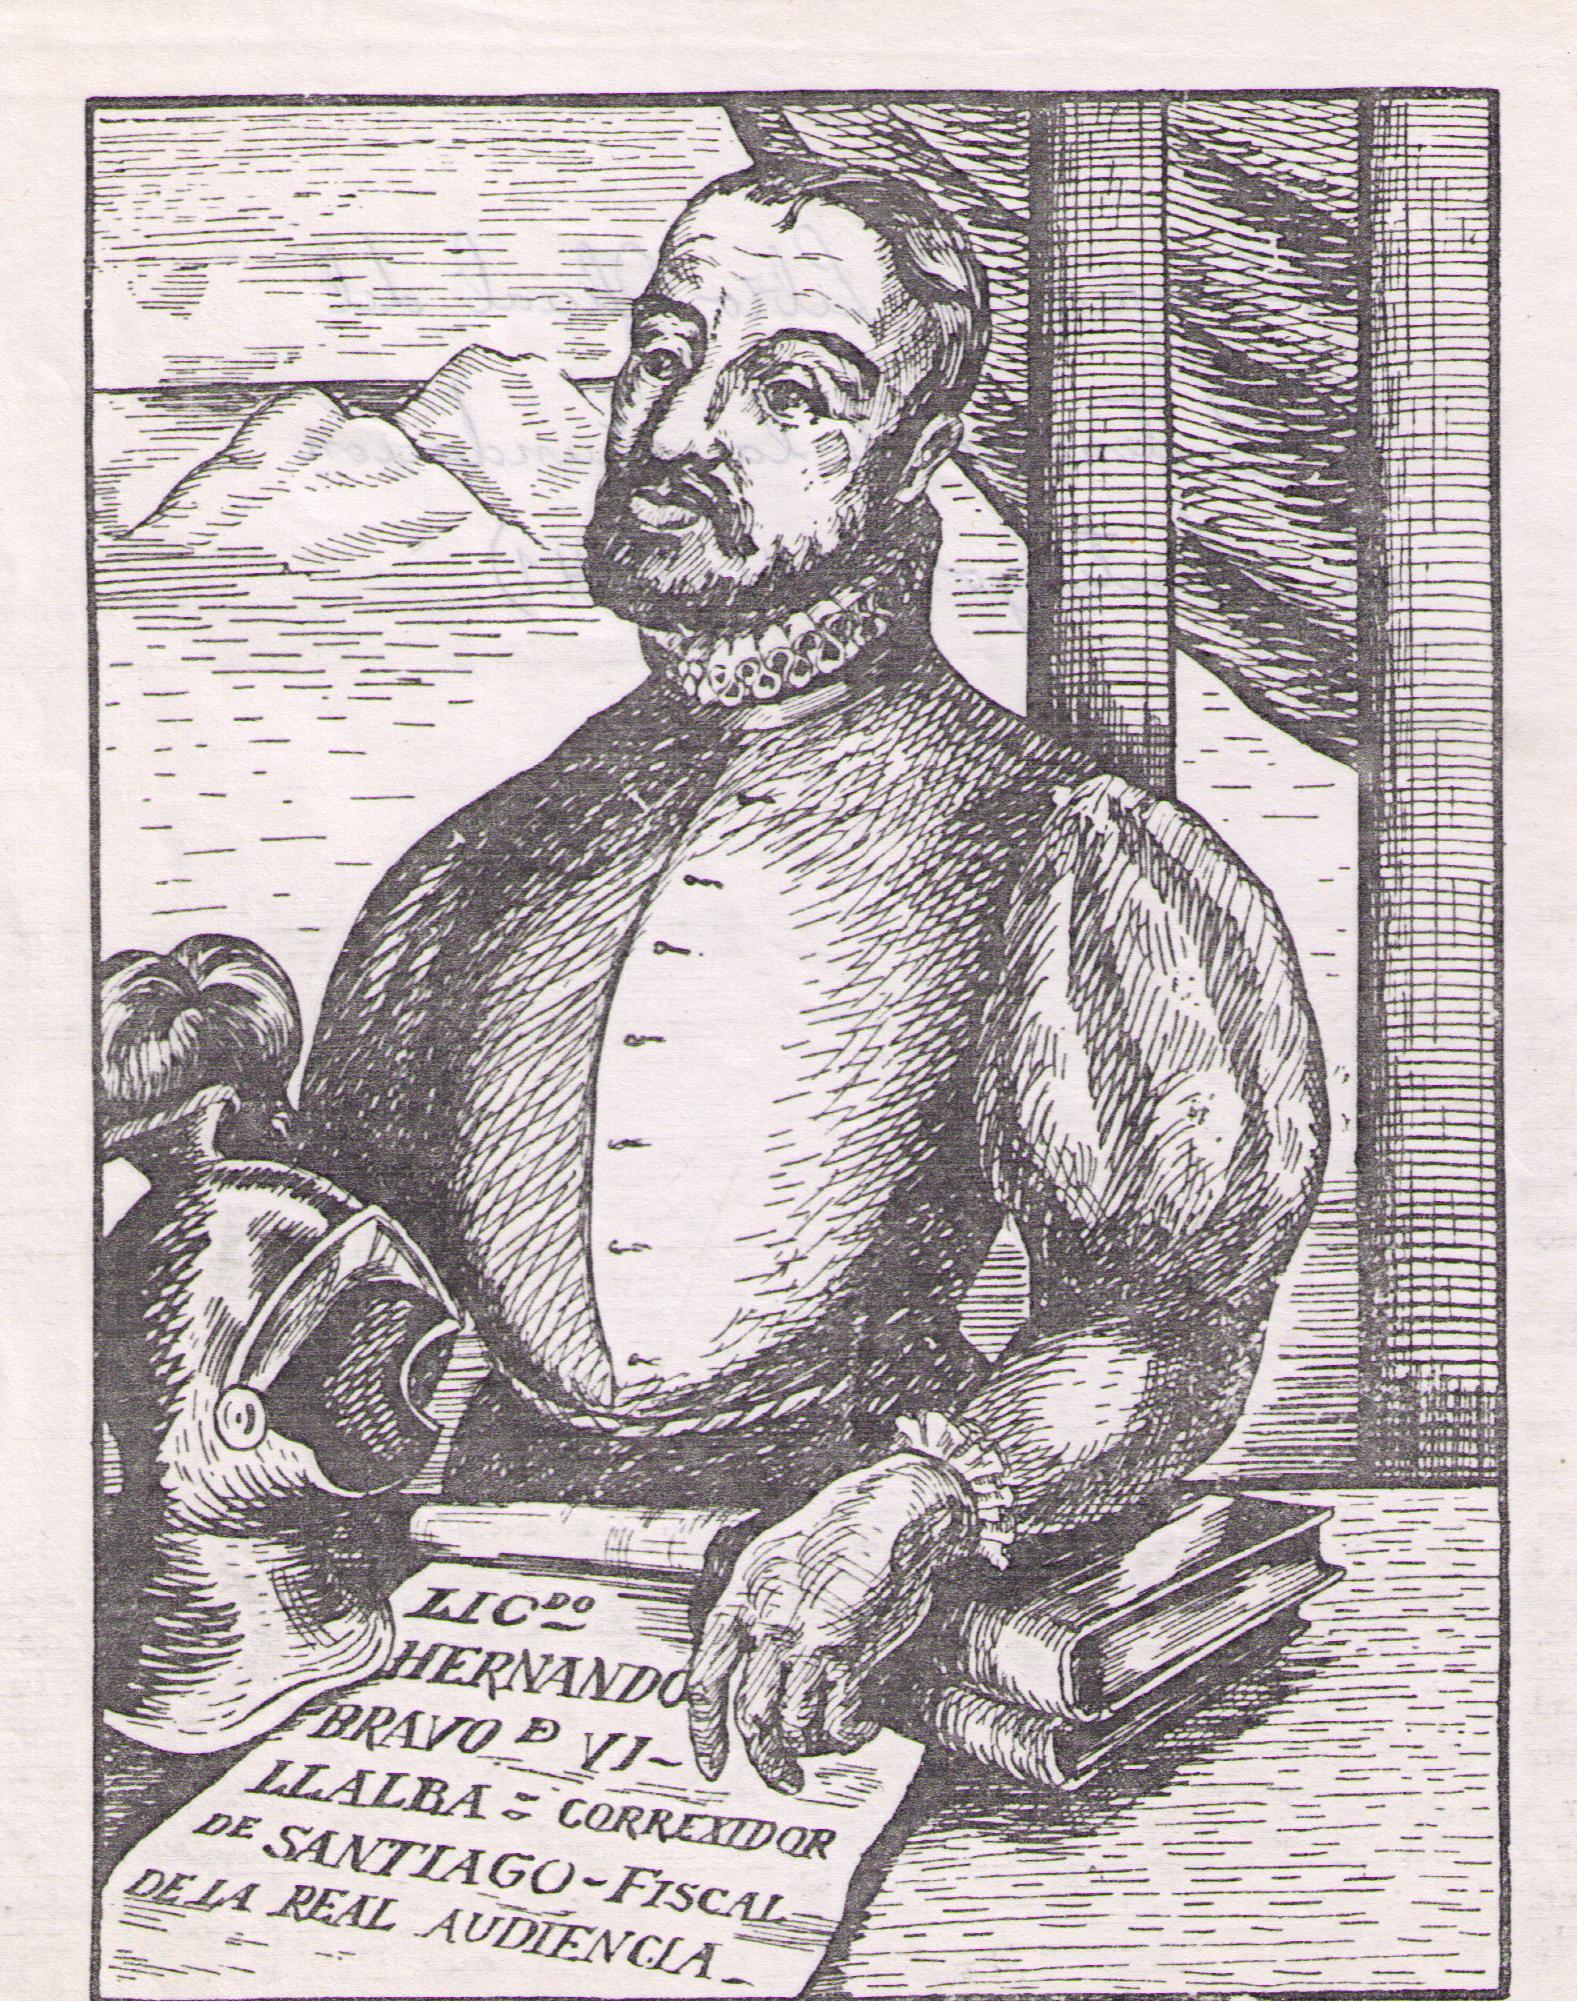 Pedro Bravo de Acuña